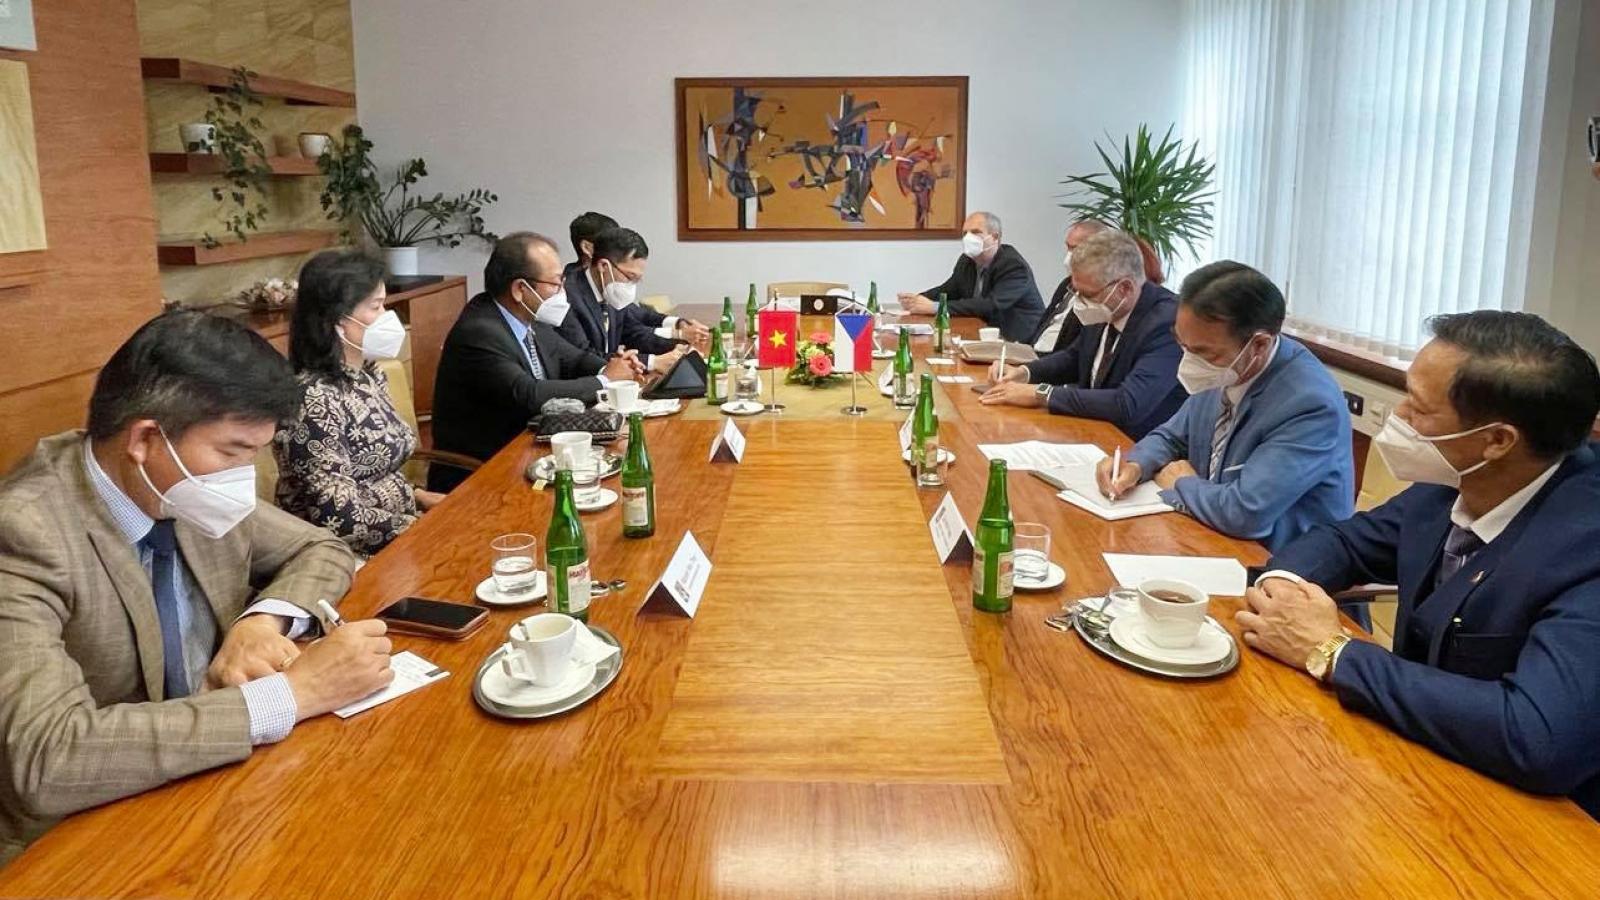 Thúc đẩy hợp tác kinh tế,thương mại, giáo dục giữa Việt Nam và Bắc Morava